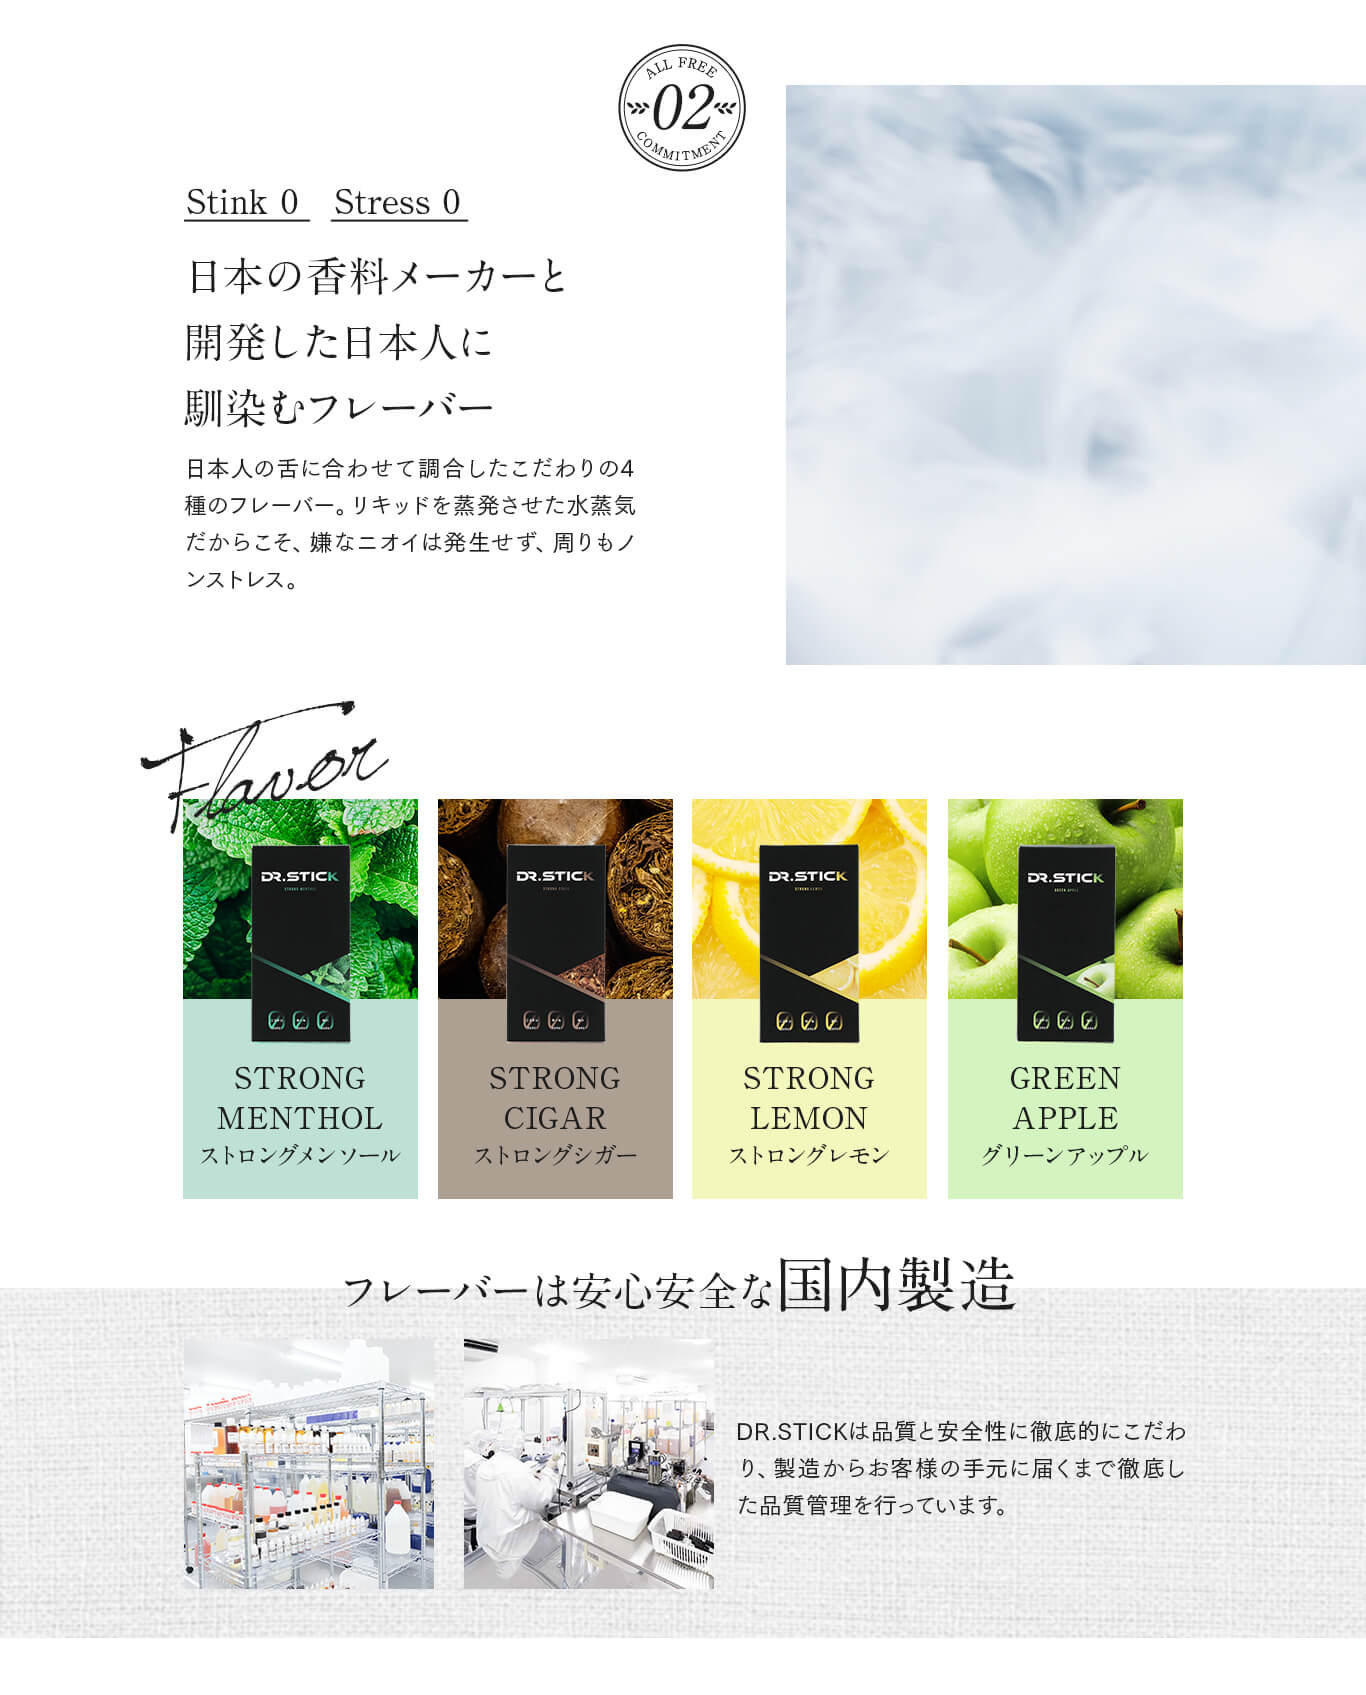 ALL FREE 02 日本の香料メーカーと開発した日本人に馴染むフレーバー